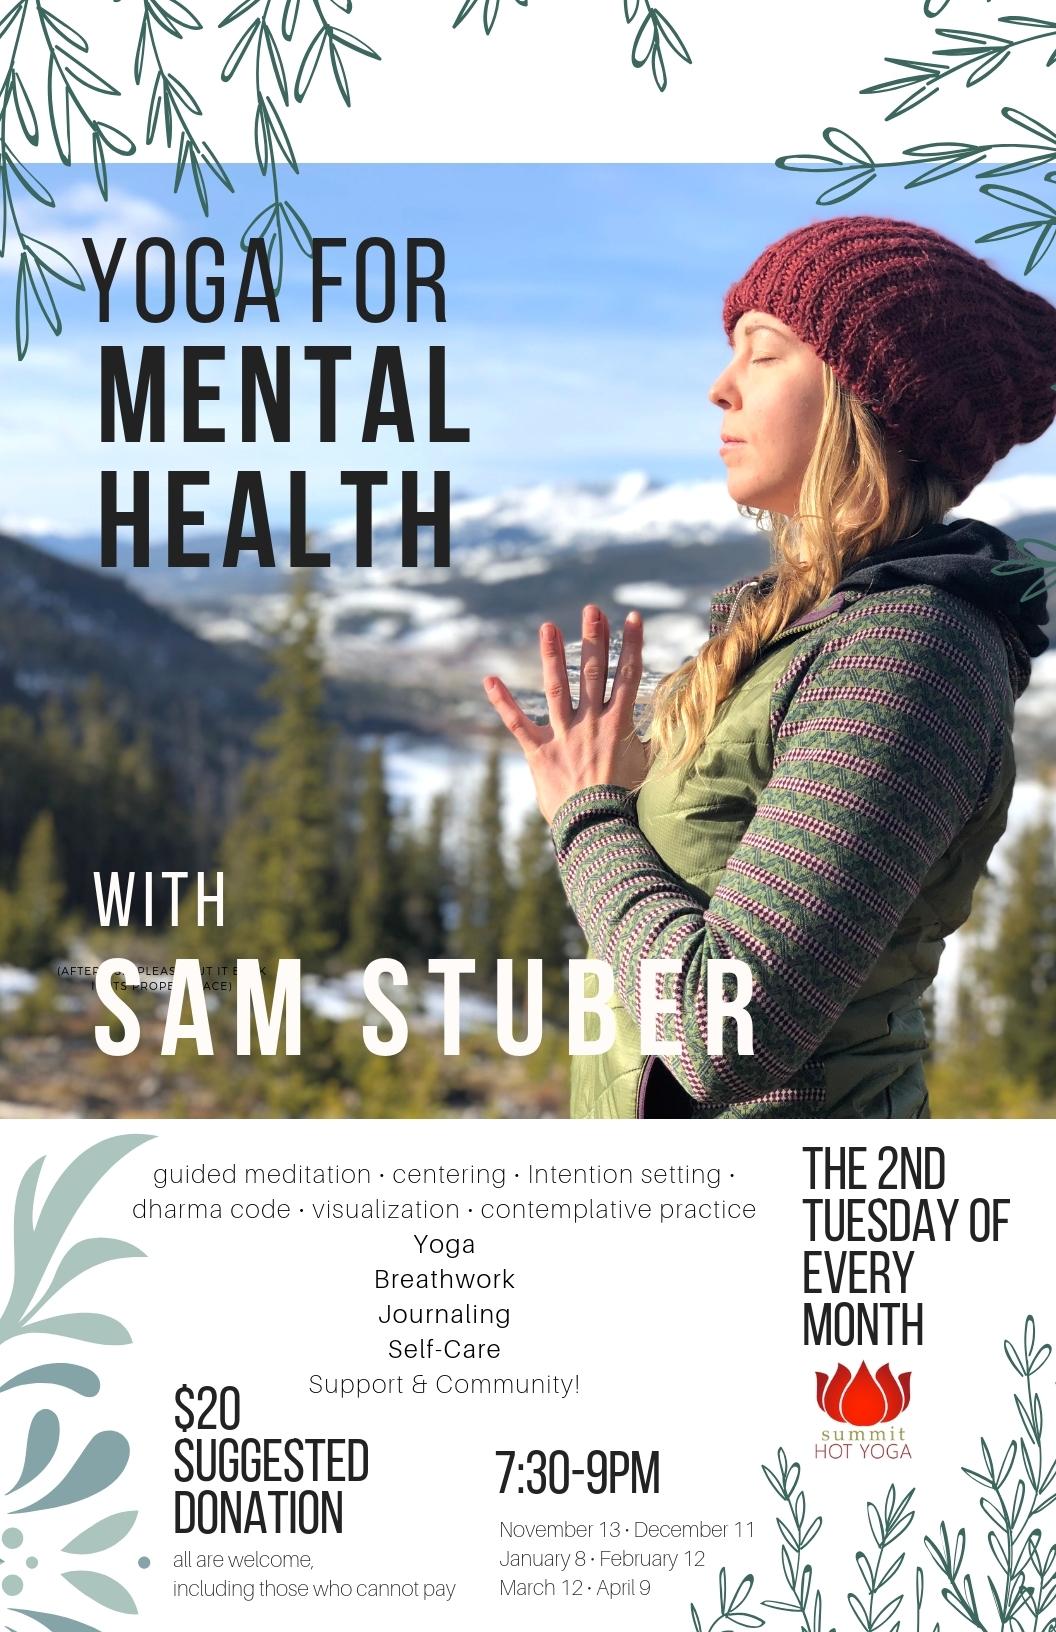 Yoga For Mental Health Poster (1).jpg